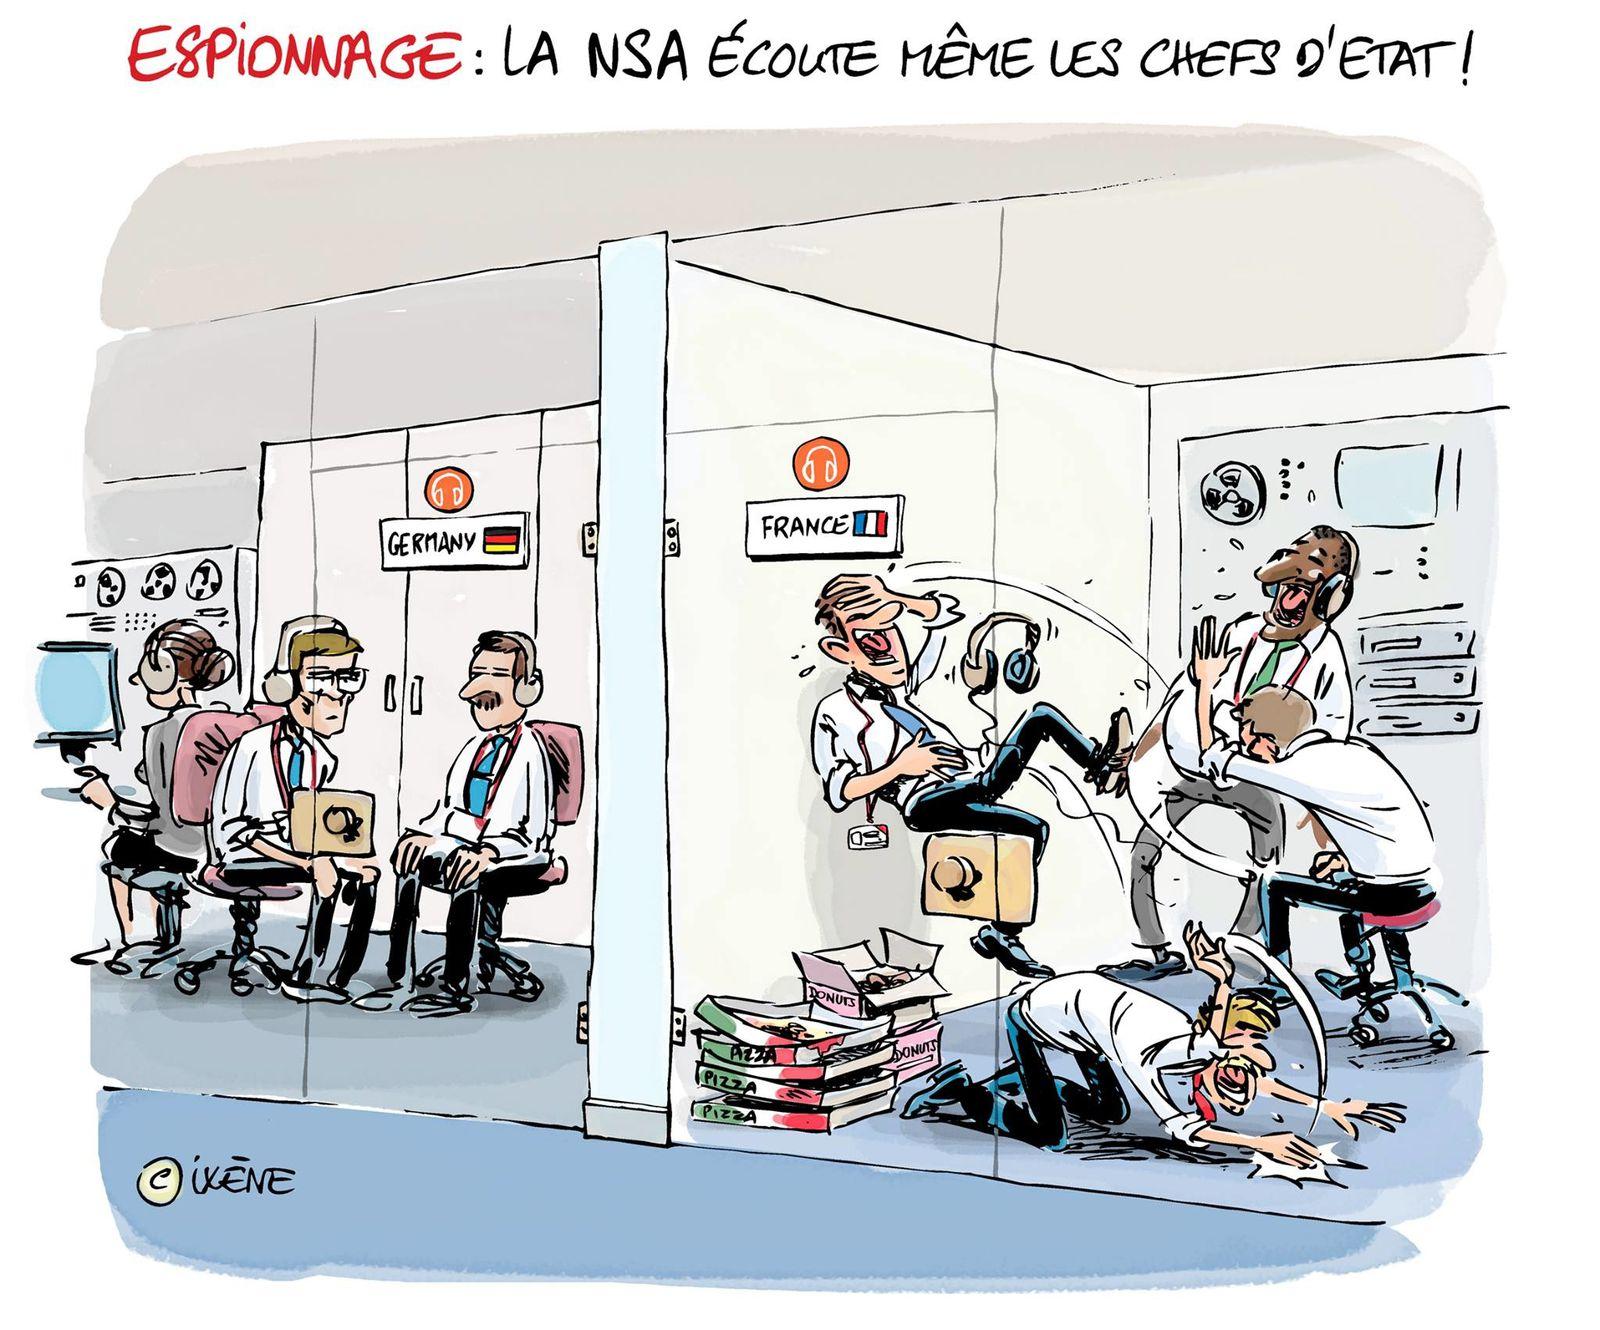 Les écoutes de la NSA ...